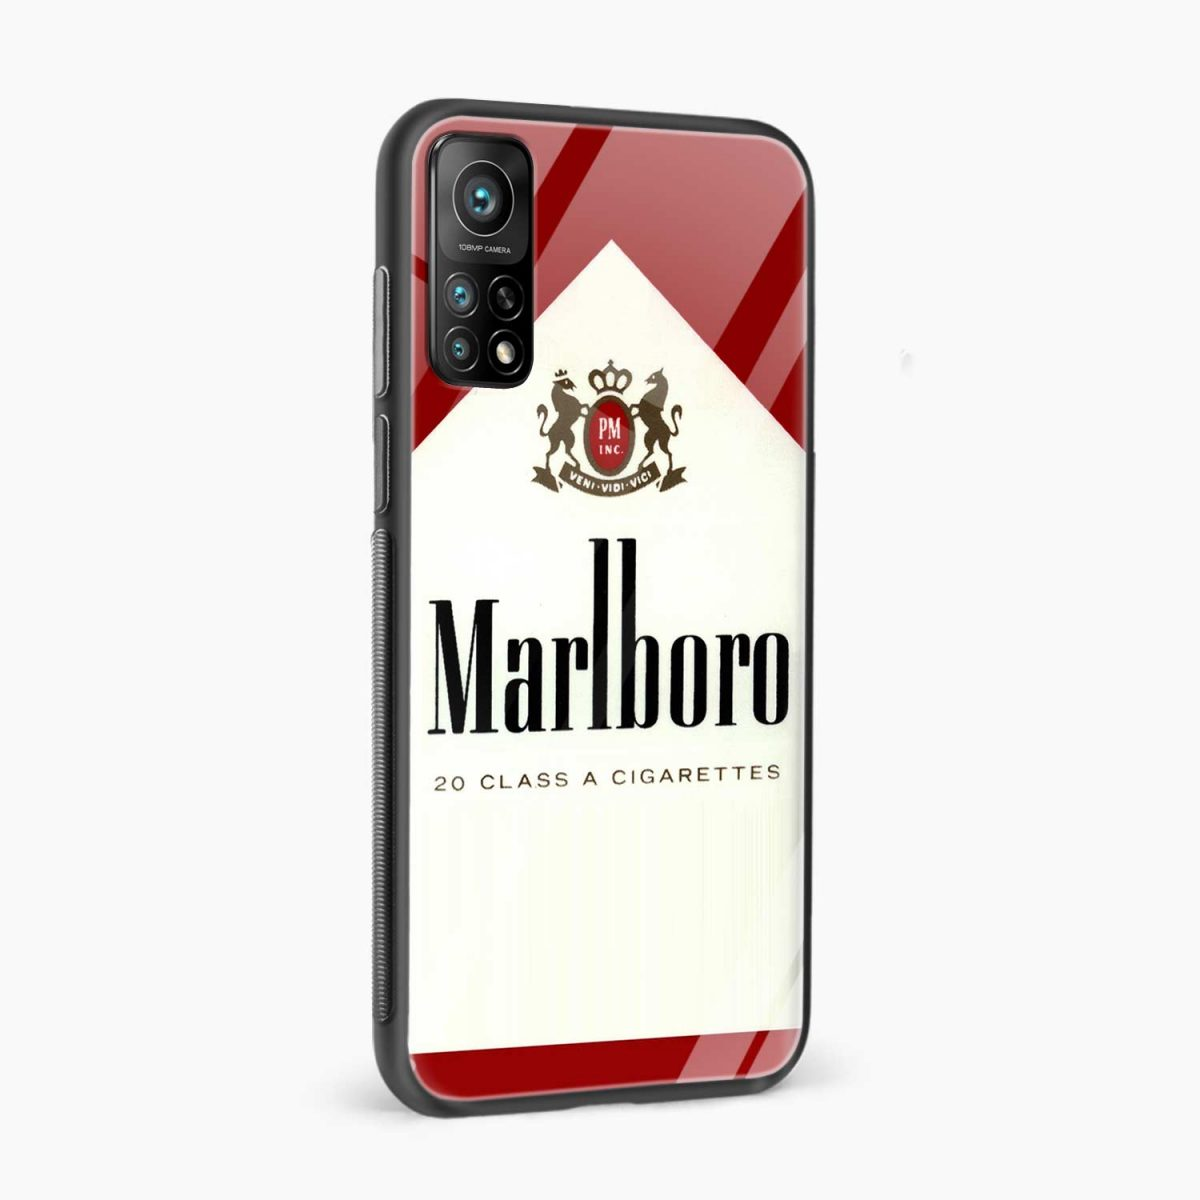 marlboro cigarette box xiaomi mi 10t pro back cover side view